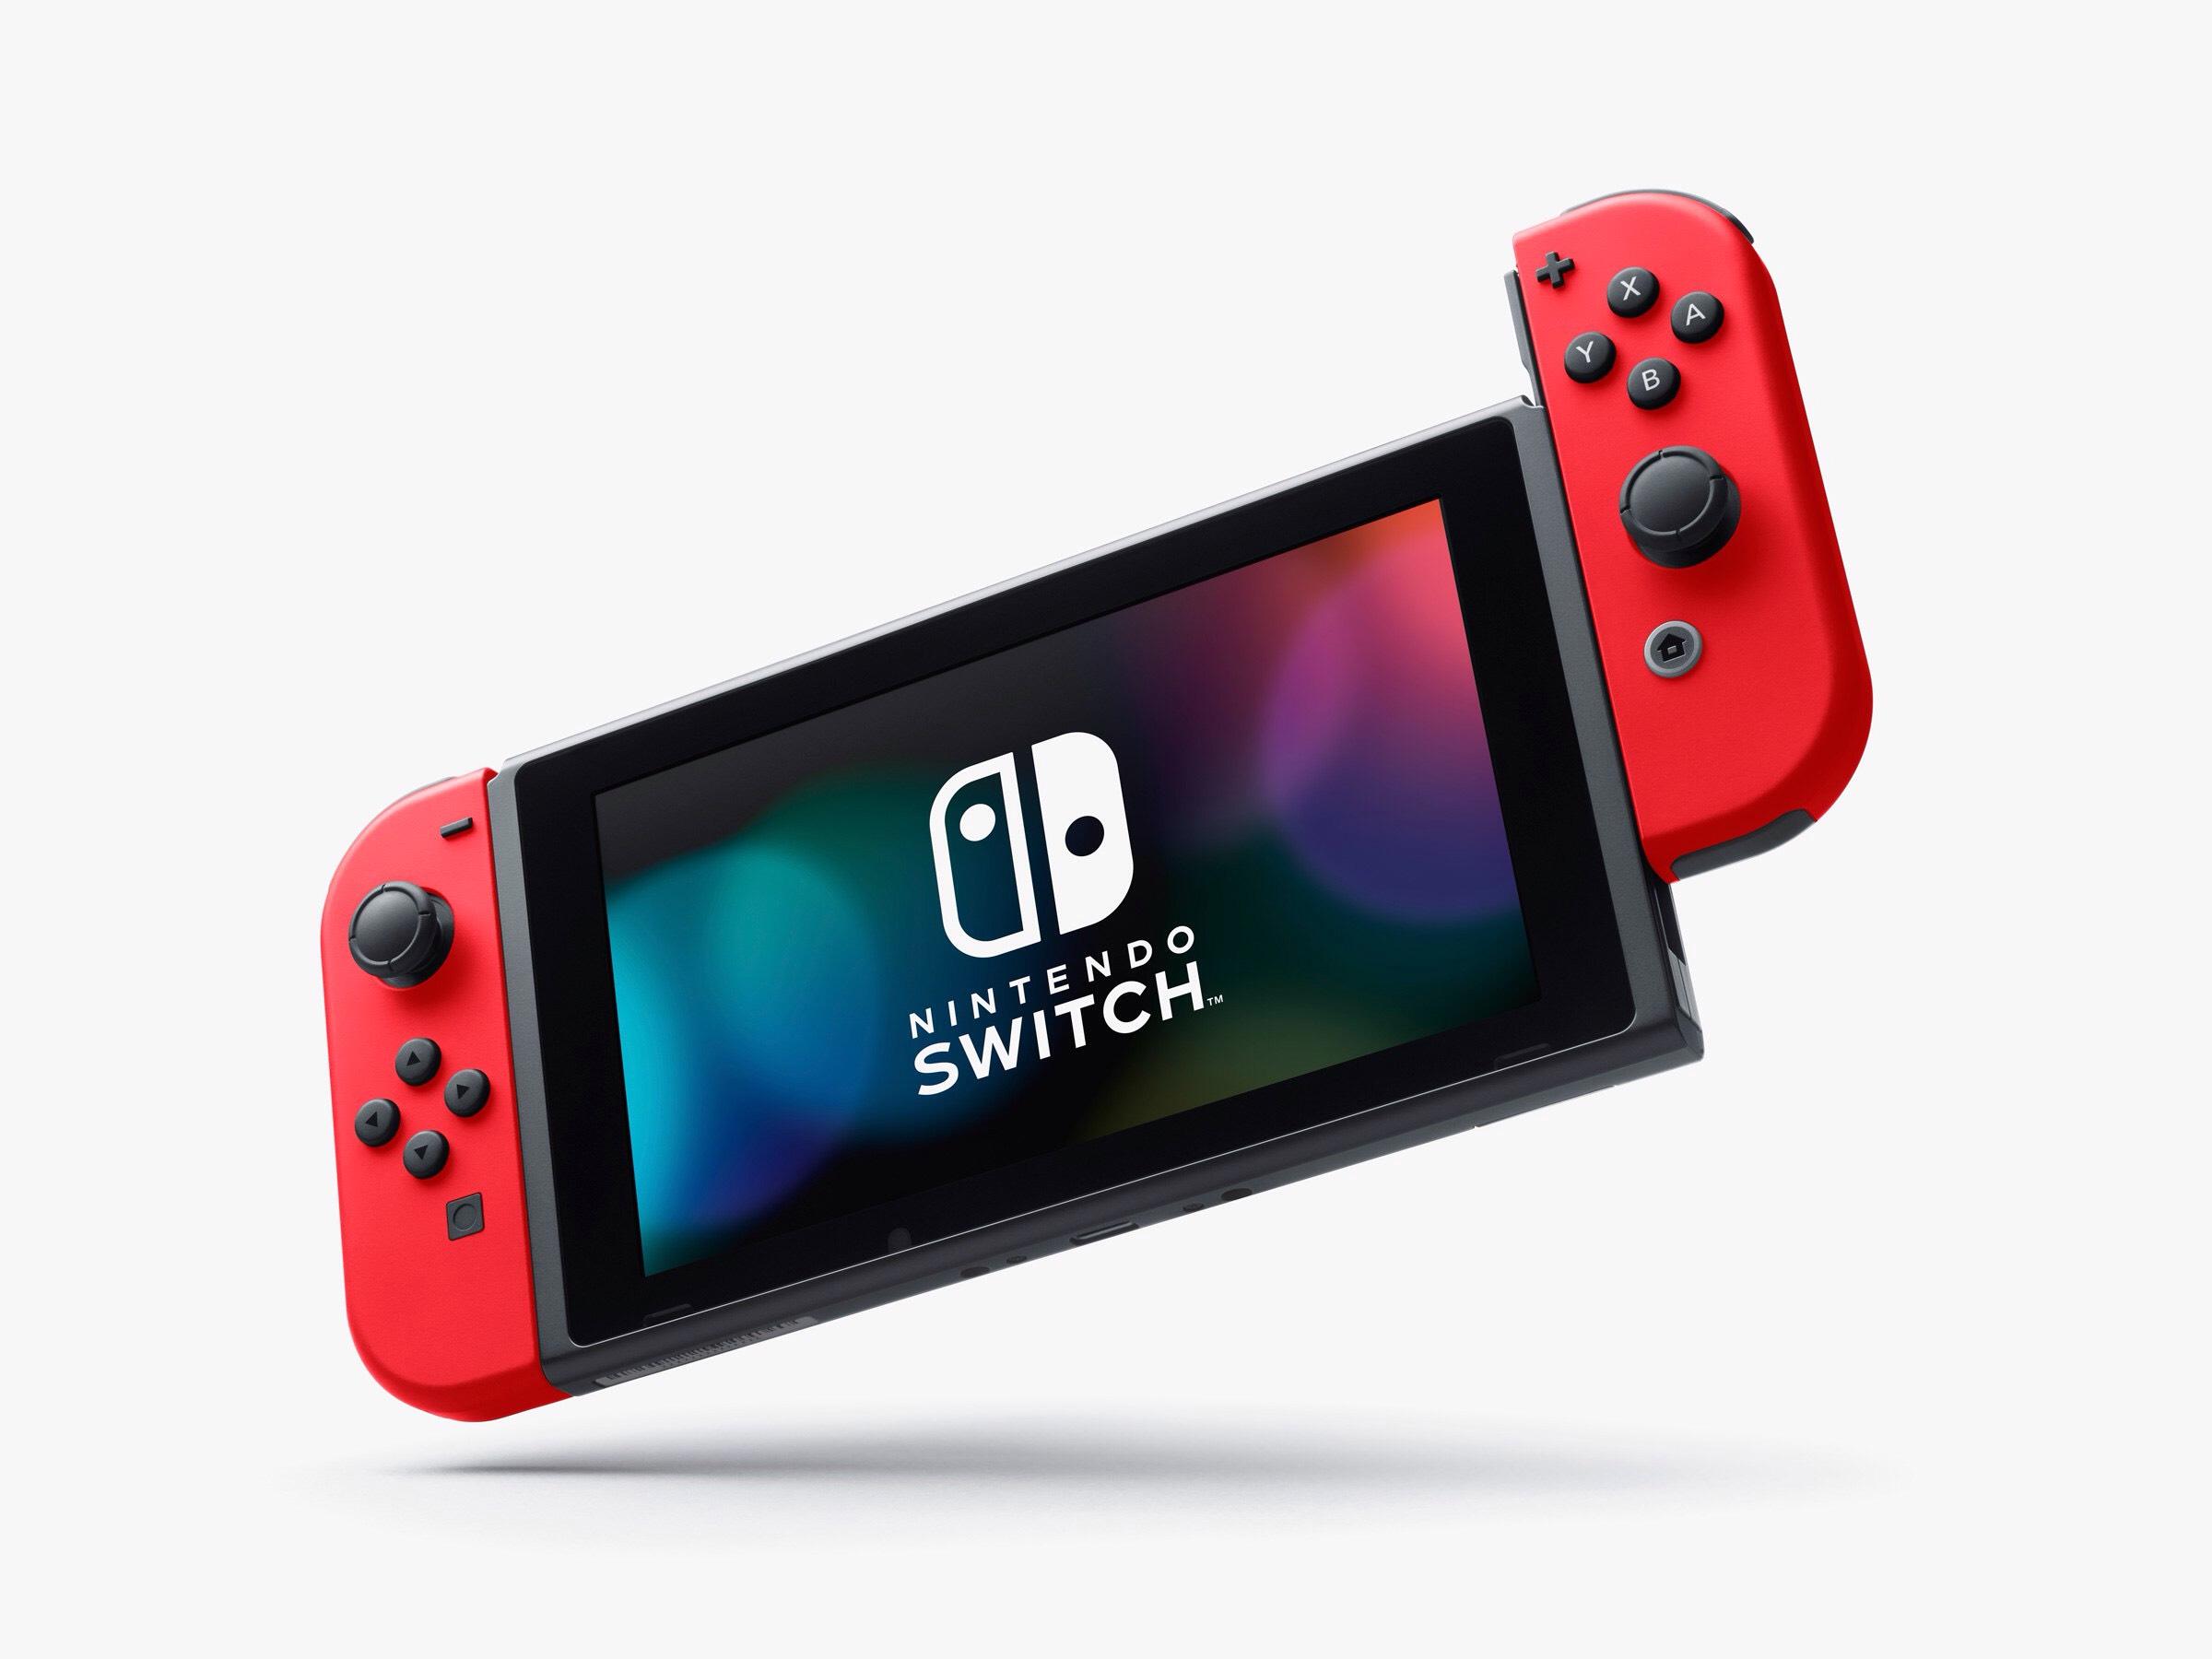 Nintendo Switch Rood/Blauw of Grijs met €37,50 korting